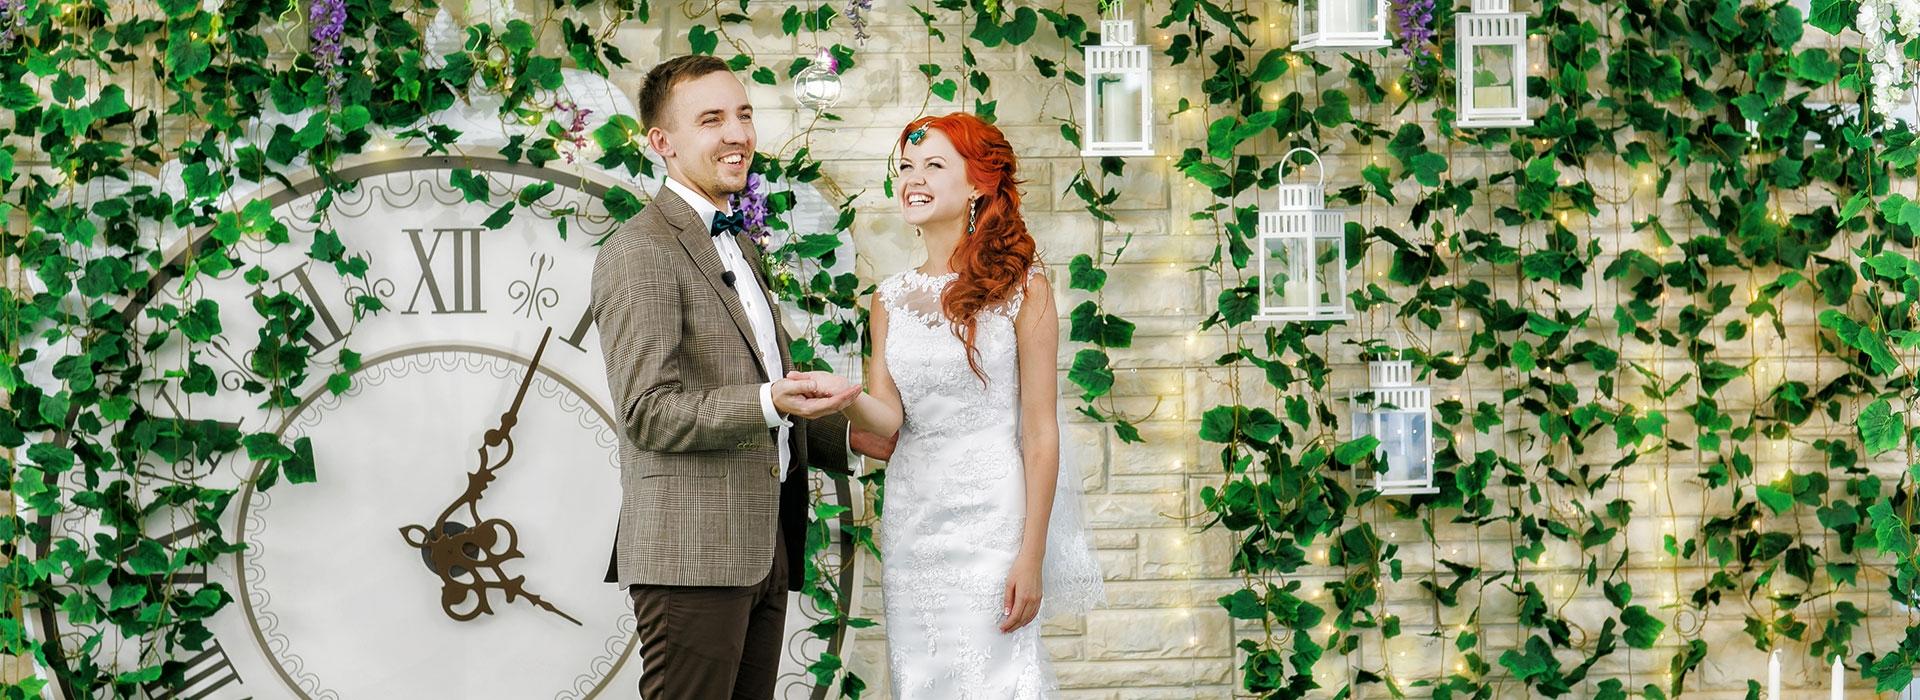 Как все успеть в свадебный день